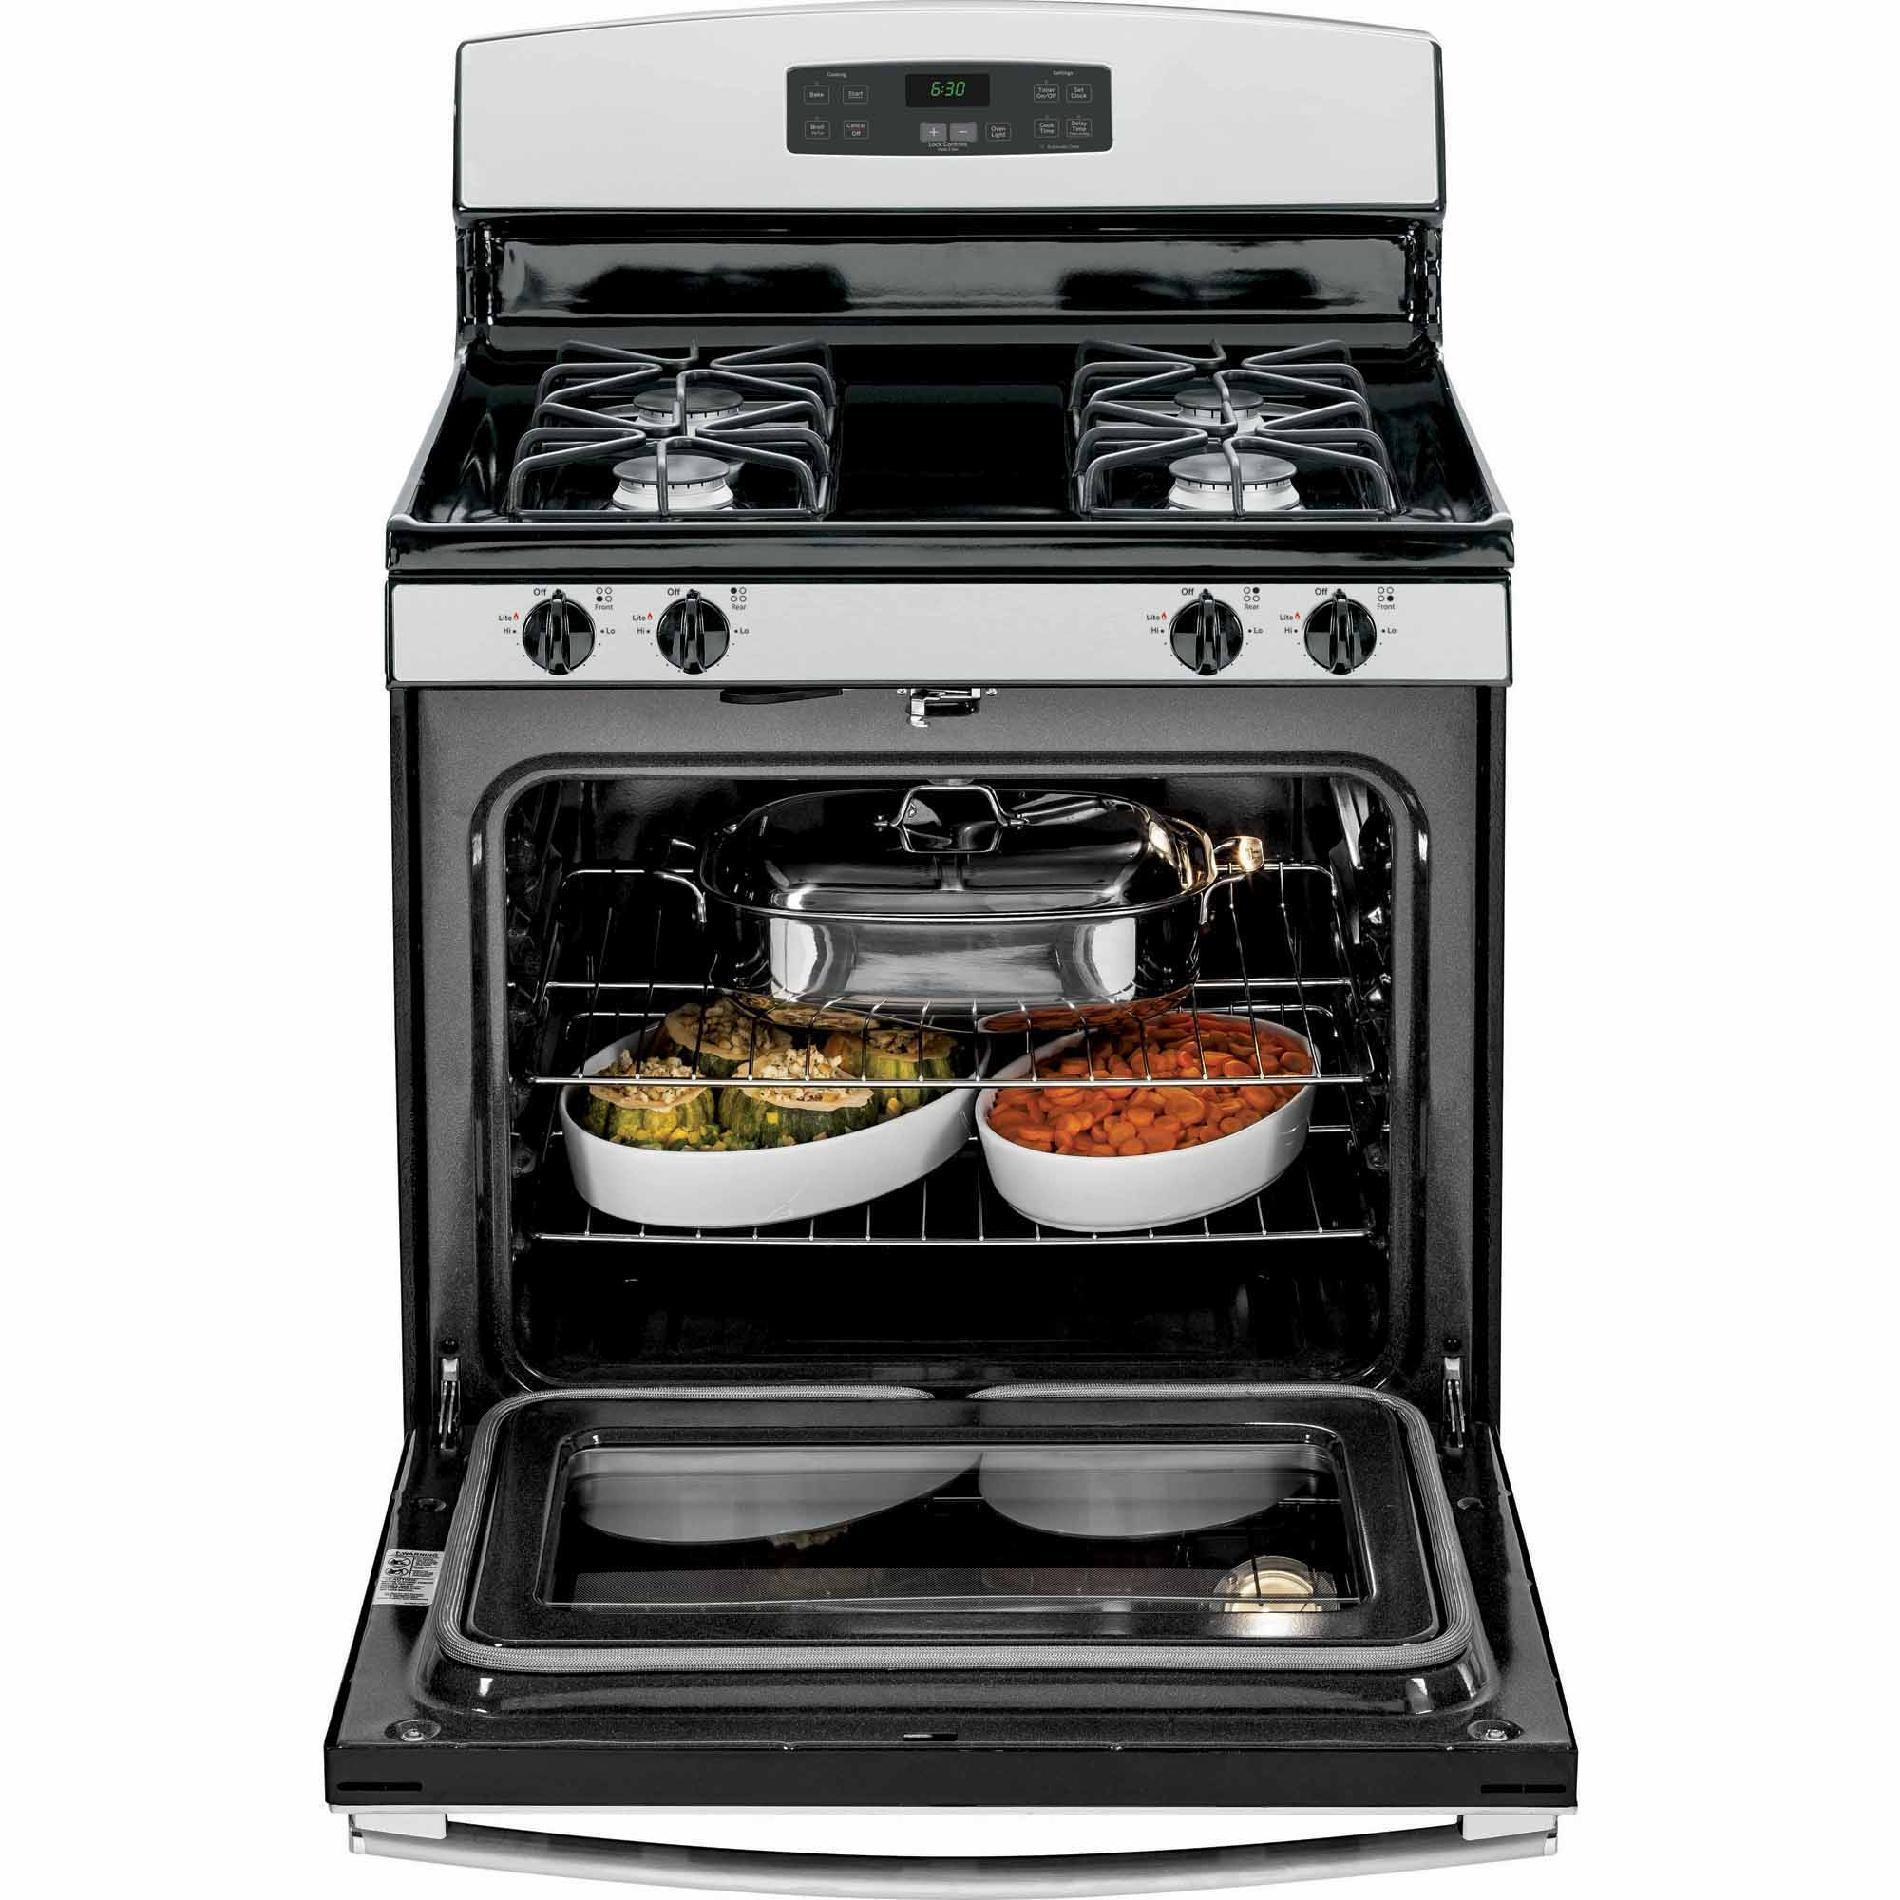 GE Appliances JGB630REFSS 5.0 cu. ft. Gas Range - Stainless Steel